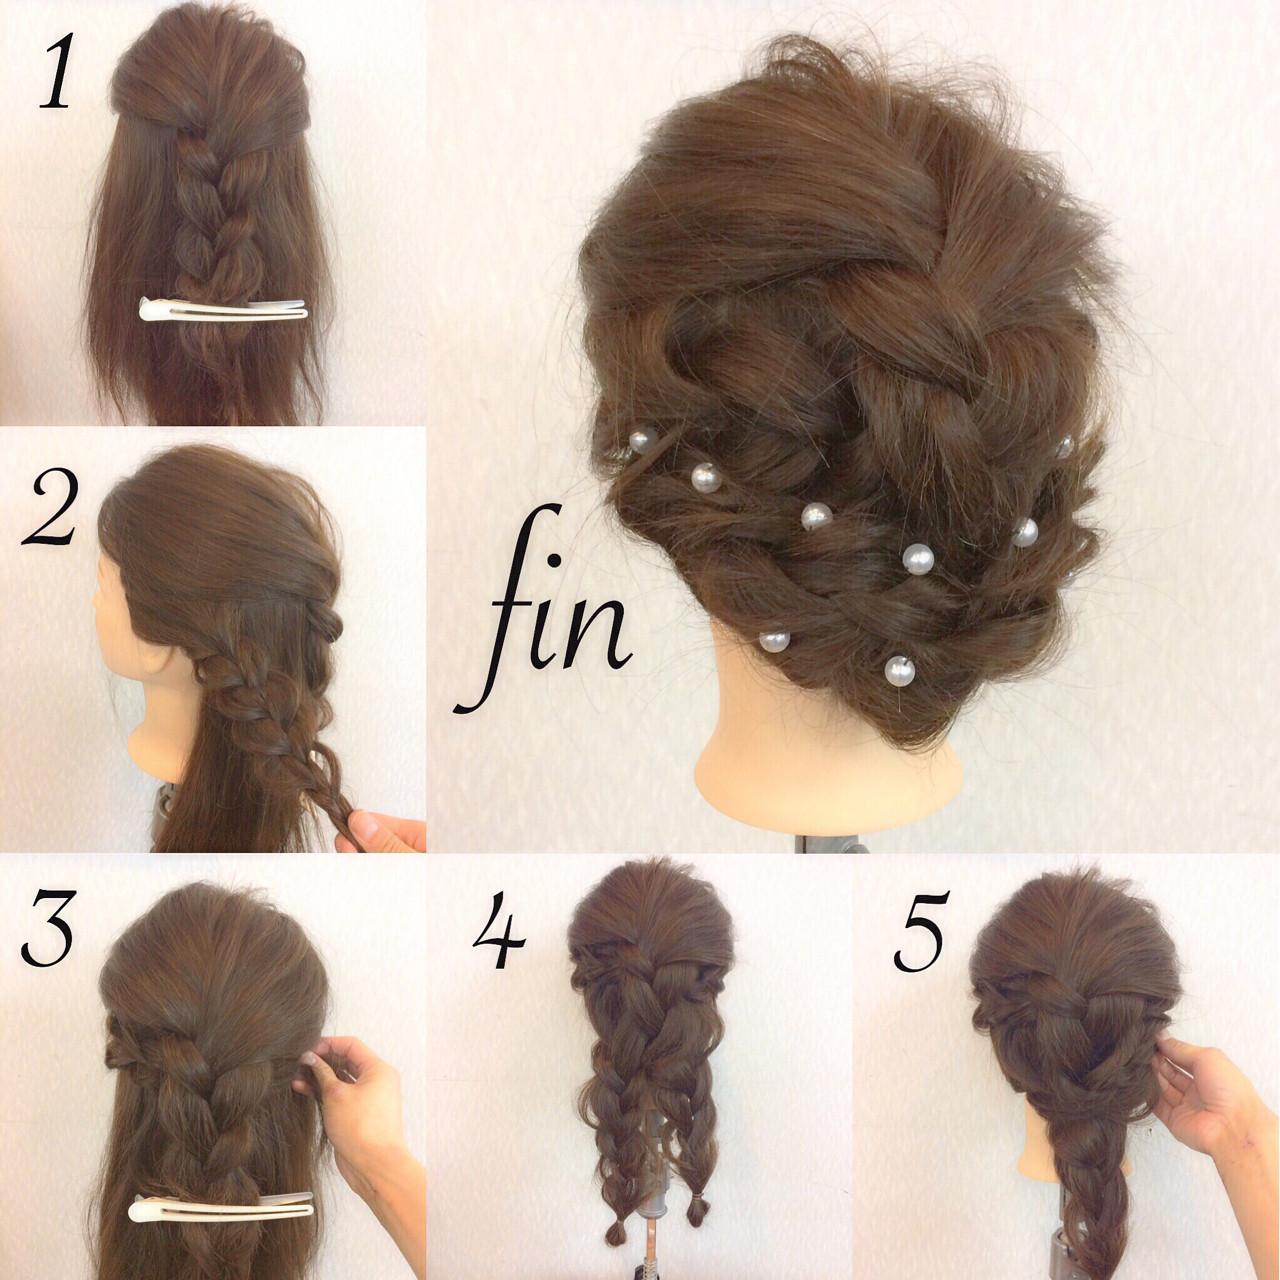 三つ編みだけで作れる簡単まとめ髪 ヤマナカサトル | DIOR of Hair